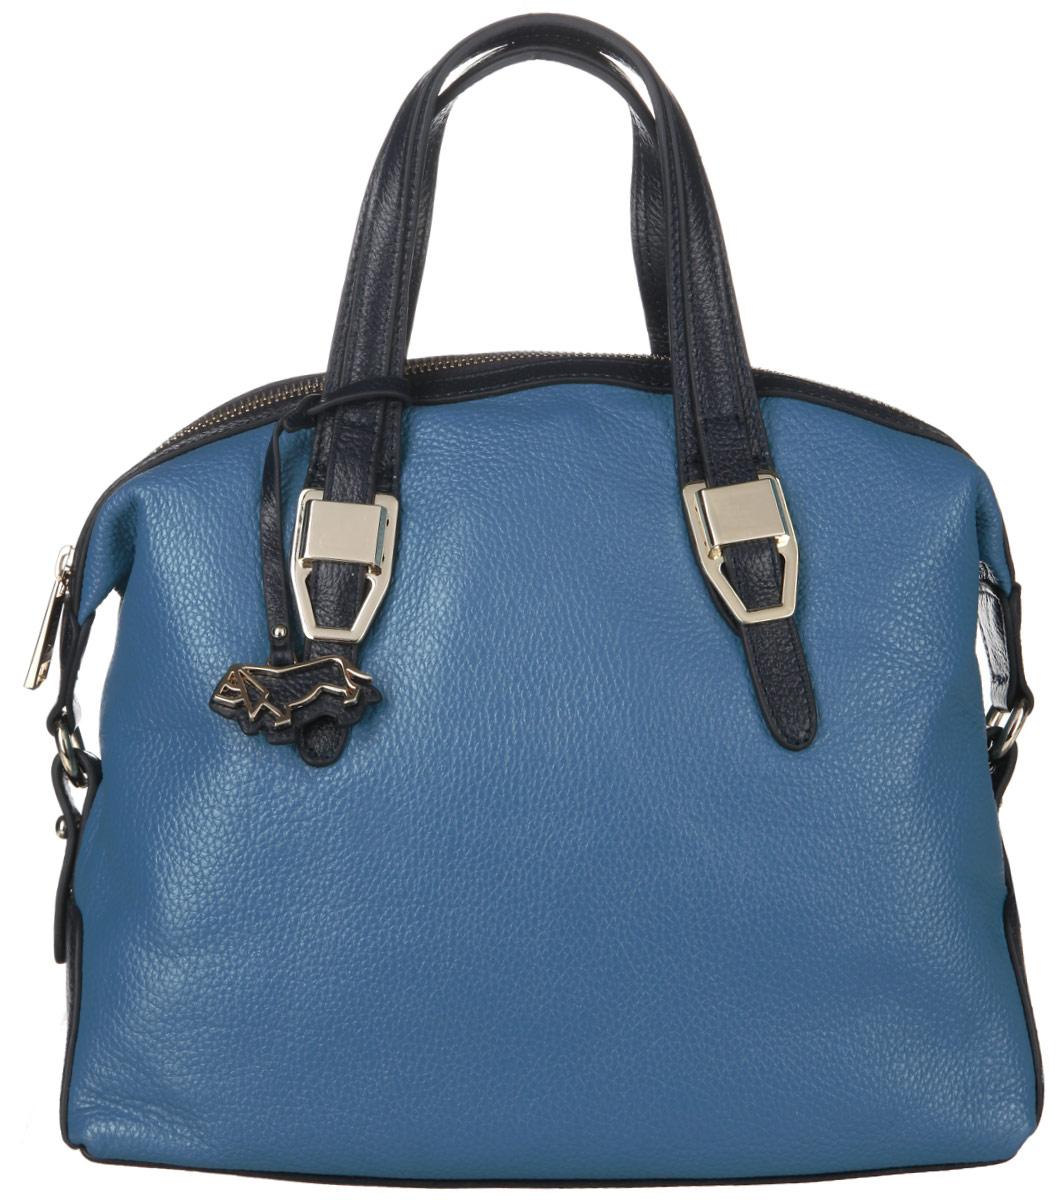 Сумка женская Labbra, цвет: голубой, темно-синий. L-23060-1L39845800Стильная женская сумка Labbra выполнена из натуральной кожи с фактурным тиснением и украшена брелоком с логотипом бренда. Изделие имеет одно основное отделение, закрывающееся на застежку-молнию. Внутри находятся два накладных открытых кармана, прорезной карман на застежке-молнии и накладной карман с отделением на застежке-молнии. Снаружи, на задней стенке предусмотрен прорезной карман на застежке-молнии. Сумка оснащена удобными ручками. В комплект входит съемный плечевой ремень. Основание сумки защищено от повреждений металлическими ножками. Изделие упаковано в фирменный чехол. Стильная сумка Labbra прекрасно дополнит ваш образ.